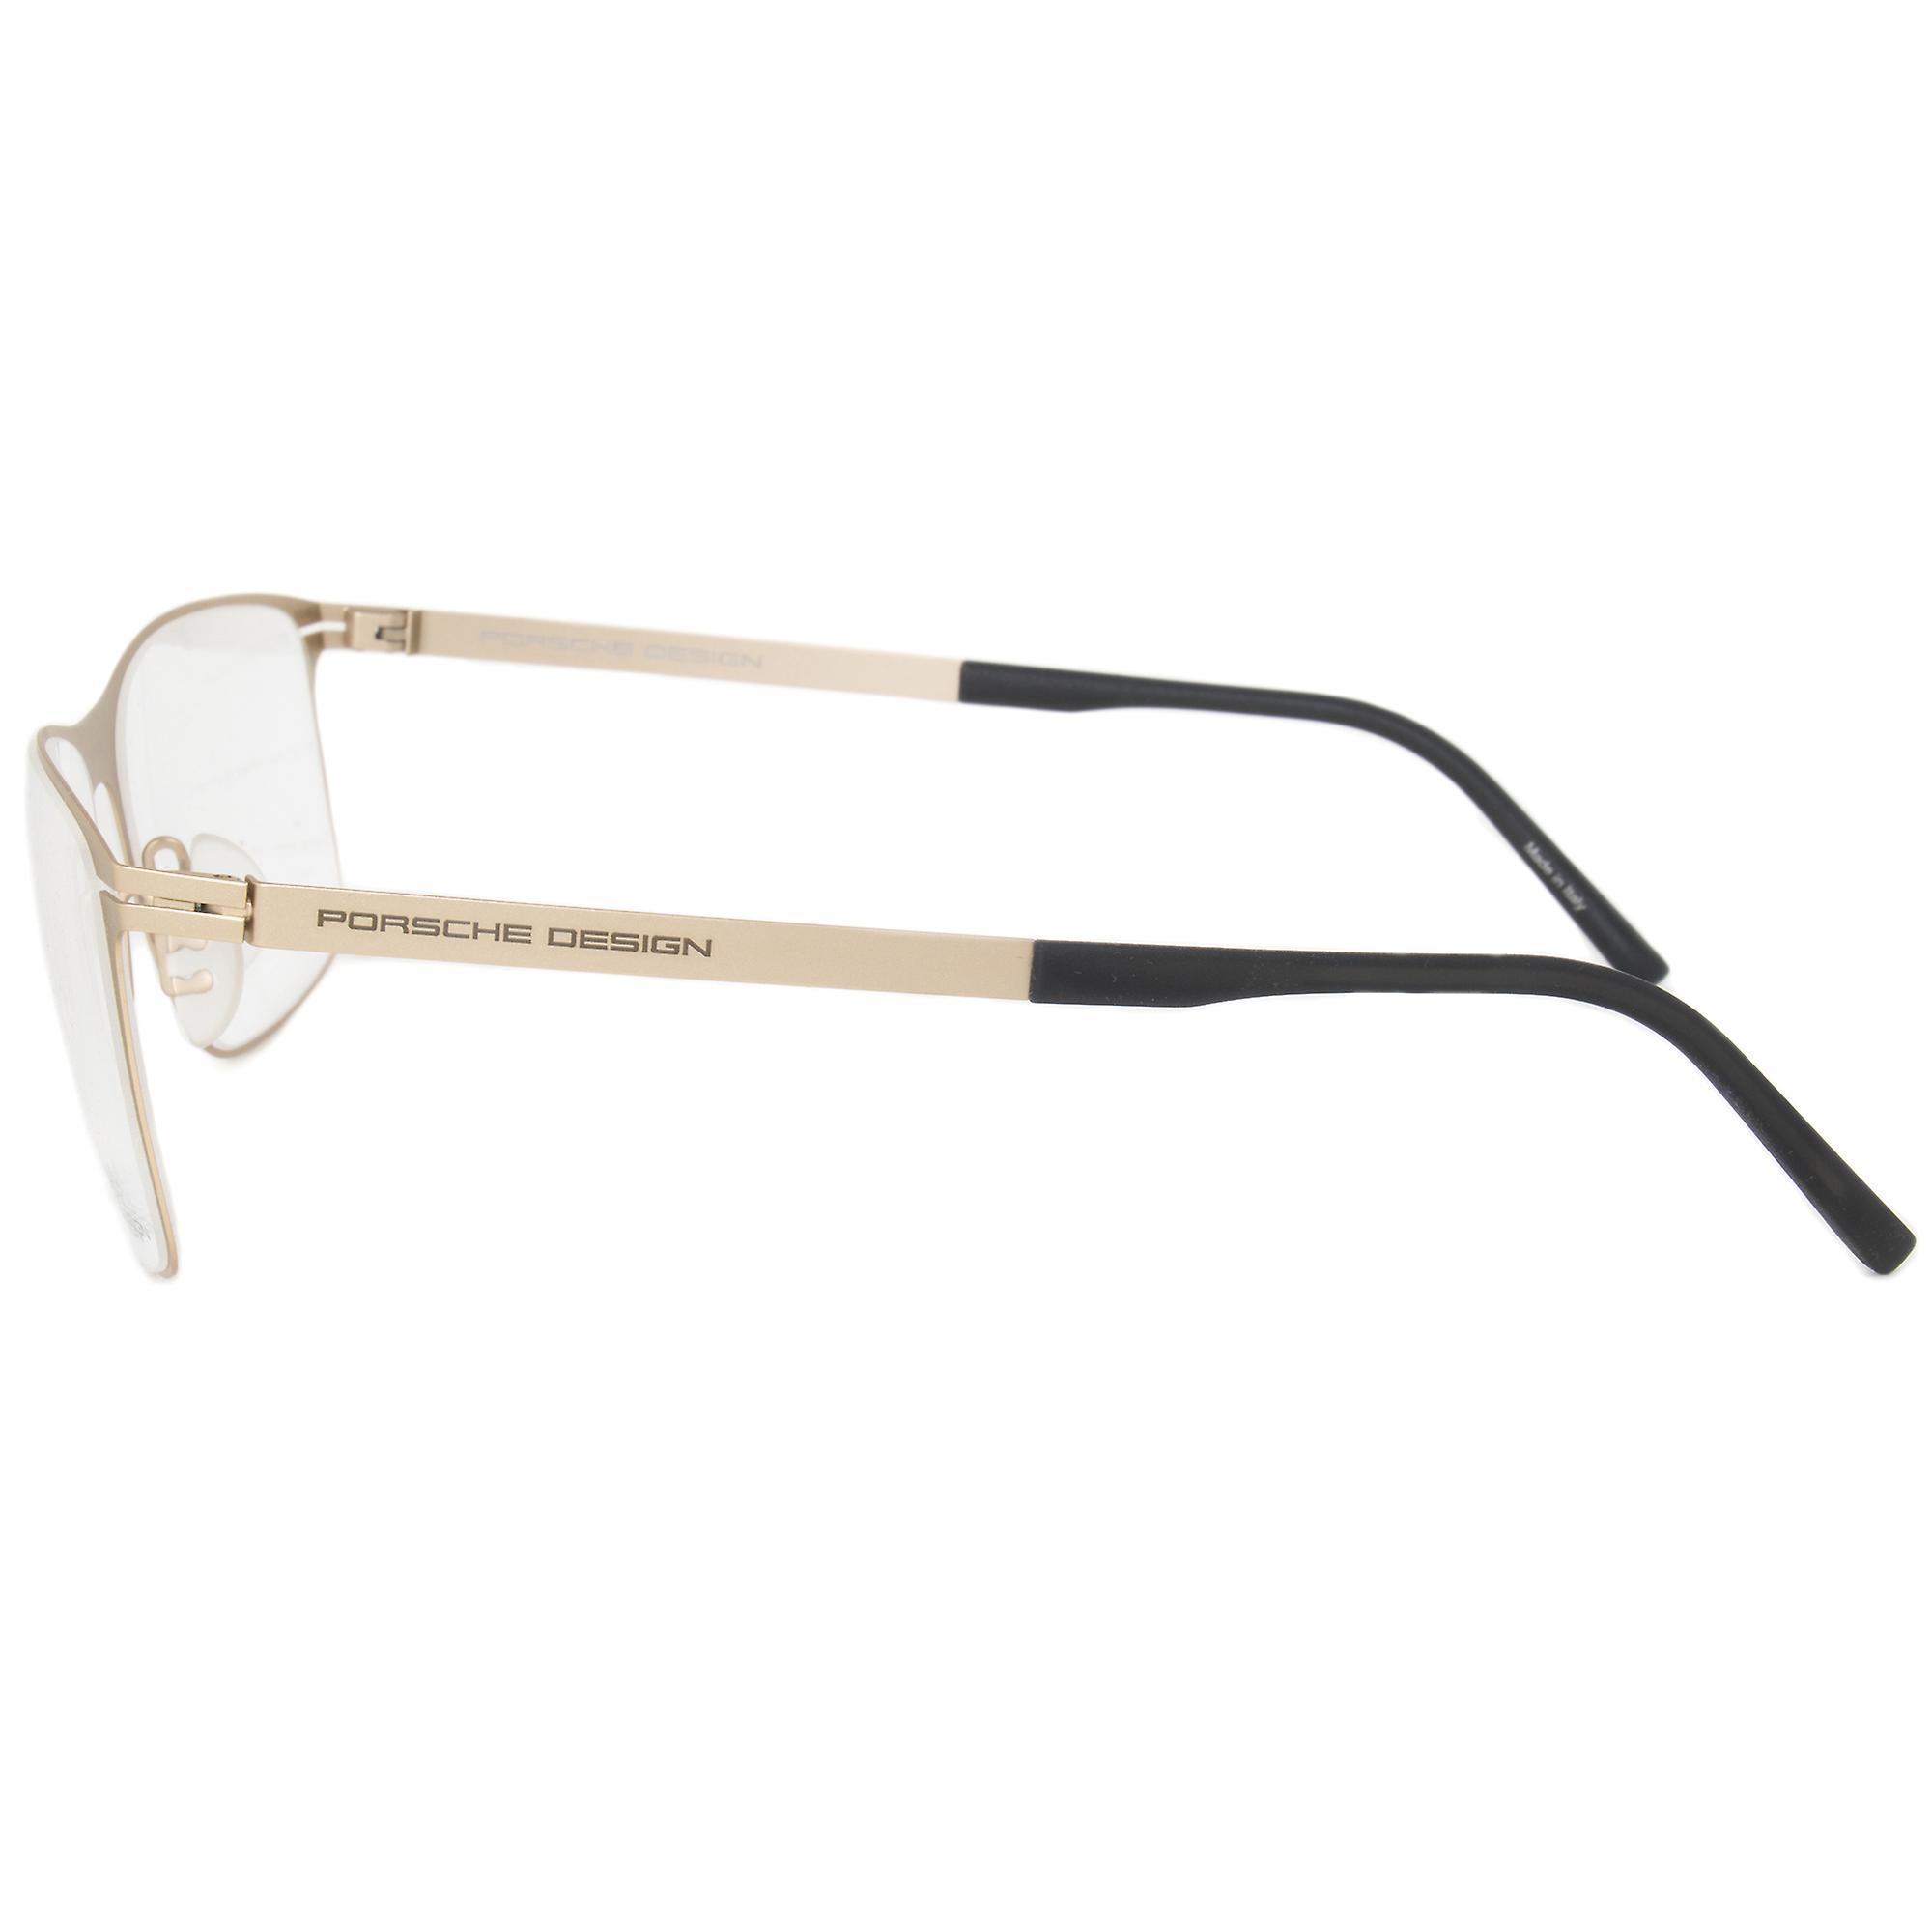 Porsche Design P8256 B Square   Matte Light Gold  Eyeglass Frames